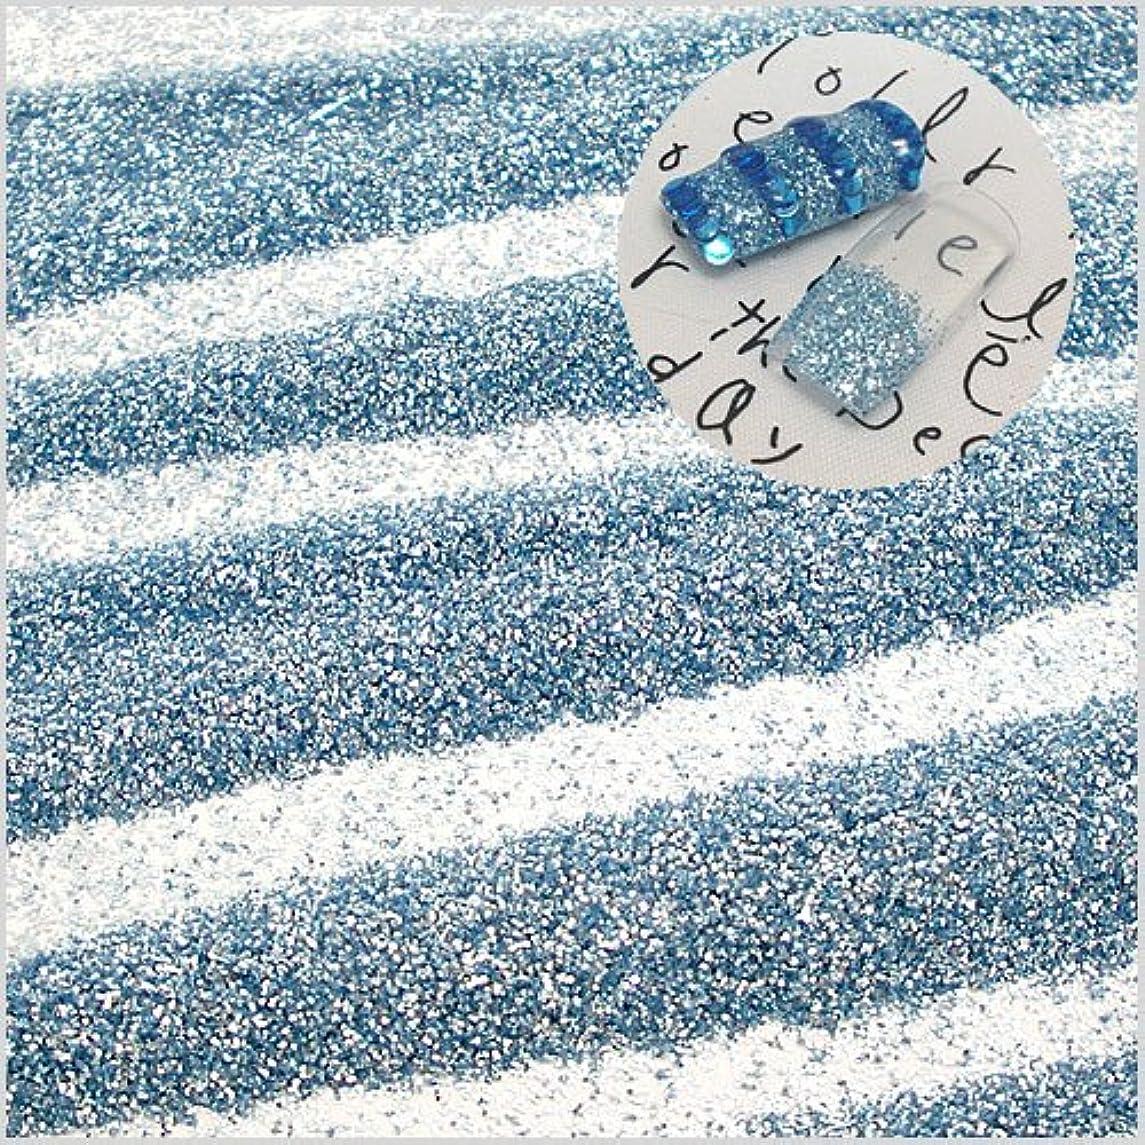 レンジシルエット自分の力ですべてをするグリッター2g入り「ライトブルー」(ラメ,ネイル,キラキラ素材,ラメ素材,レジン封入,ボディータトゥー,サンドアート,ネイルアート,UVレジン) [並行輸入品]